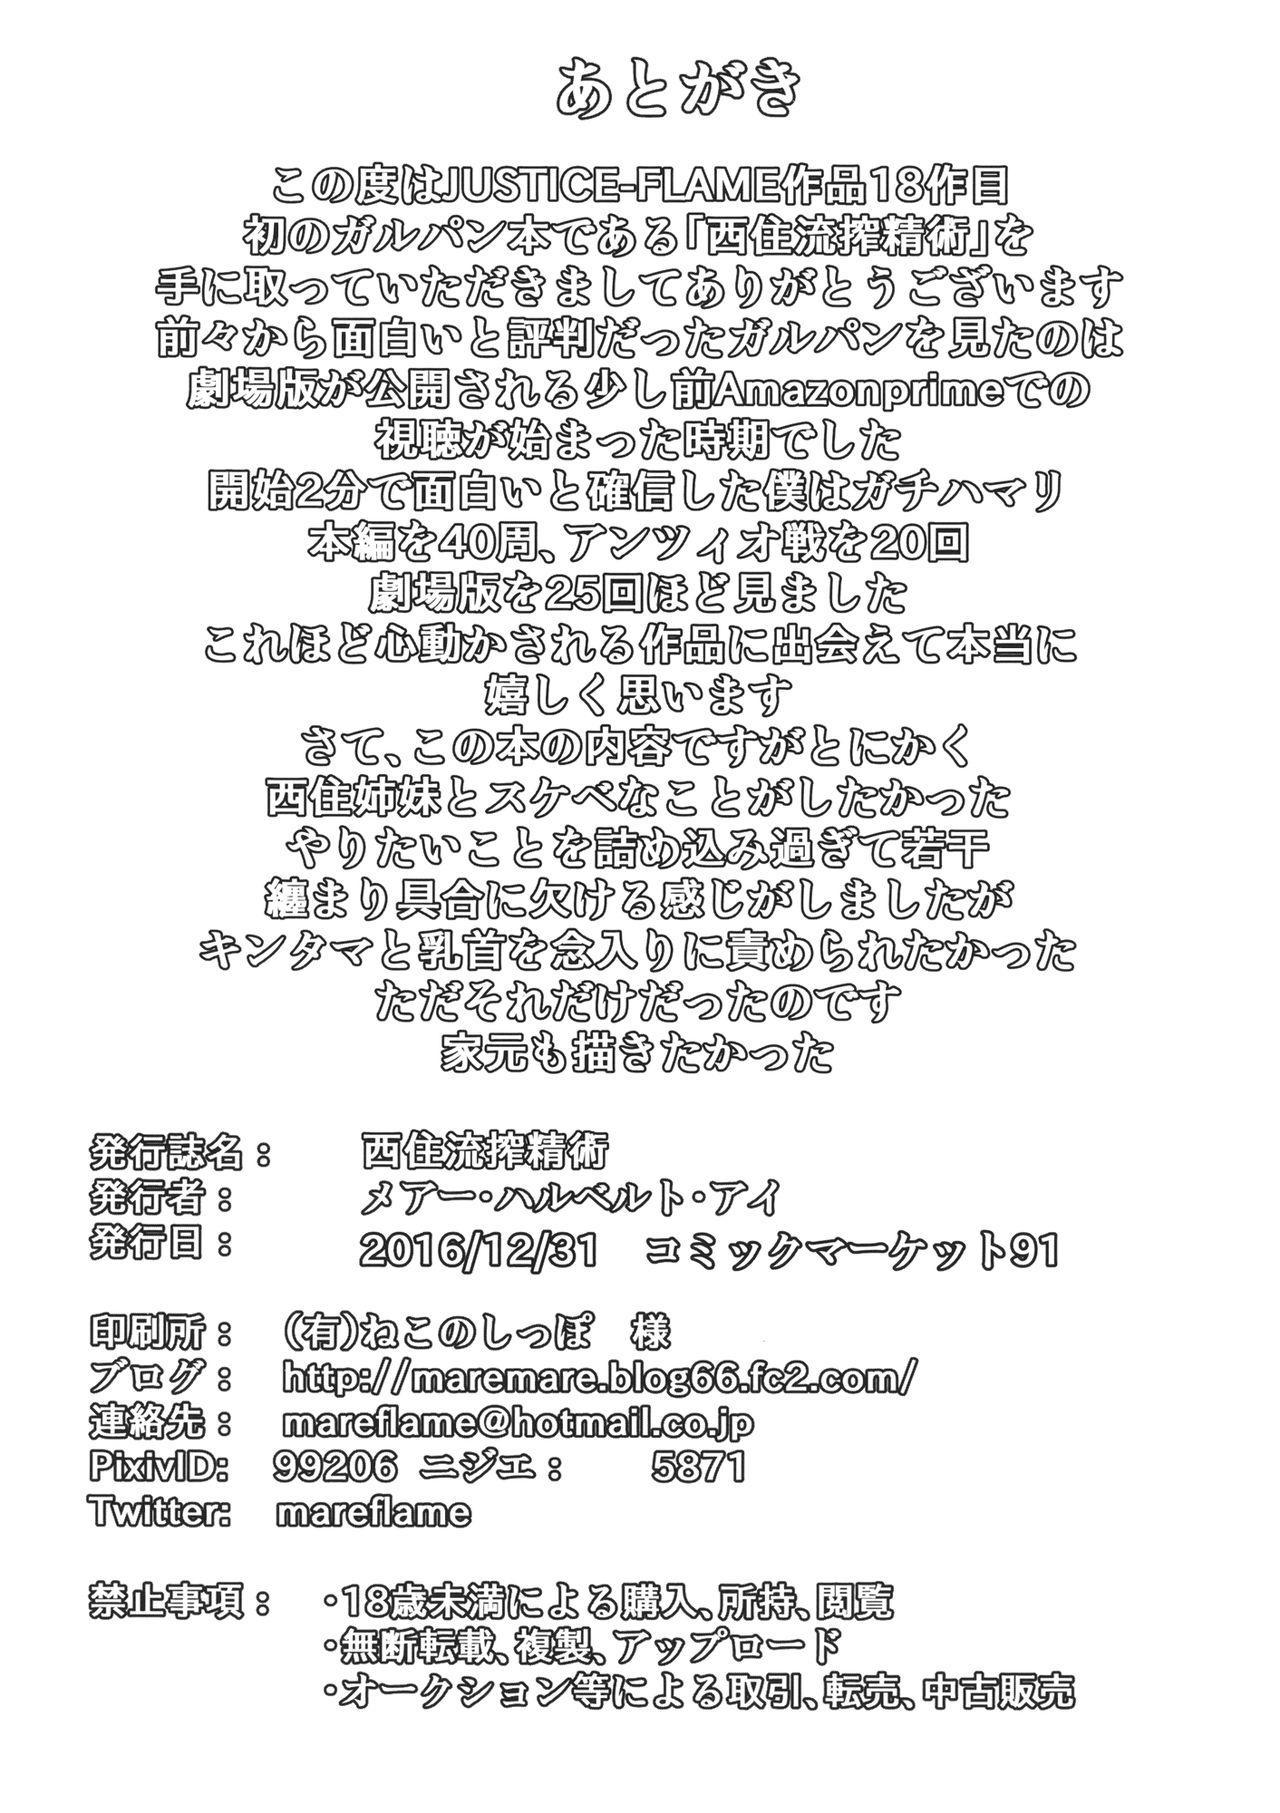 Nishizumi-ryuu Sakusei Jutsu 28